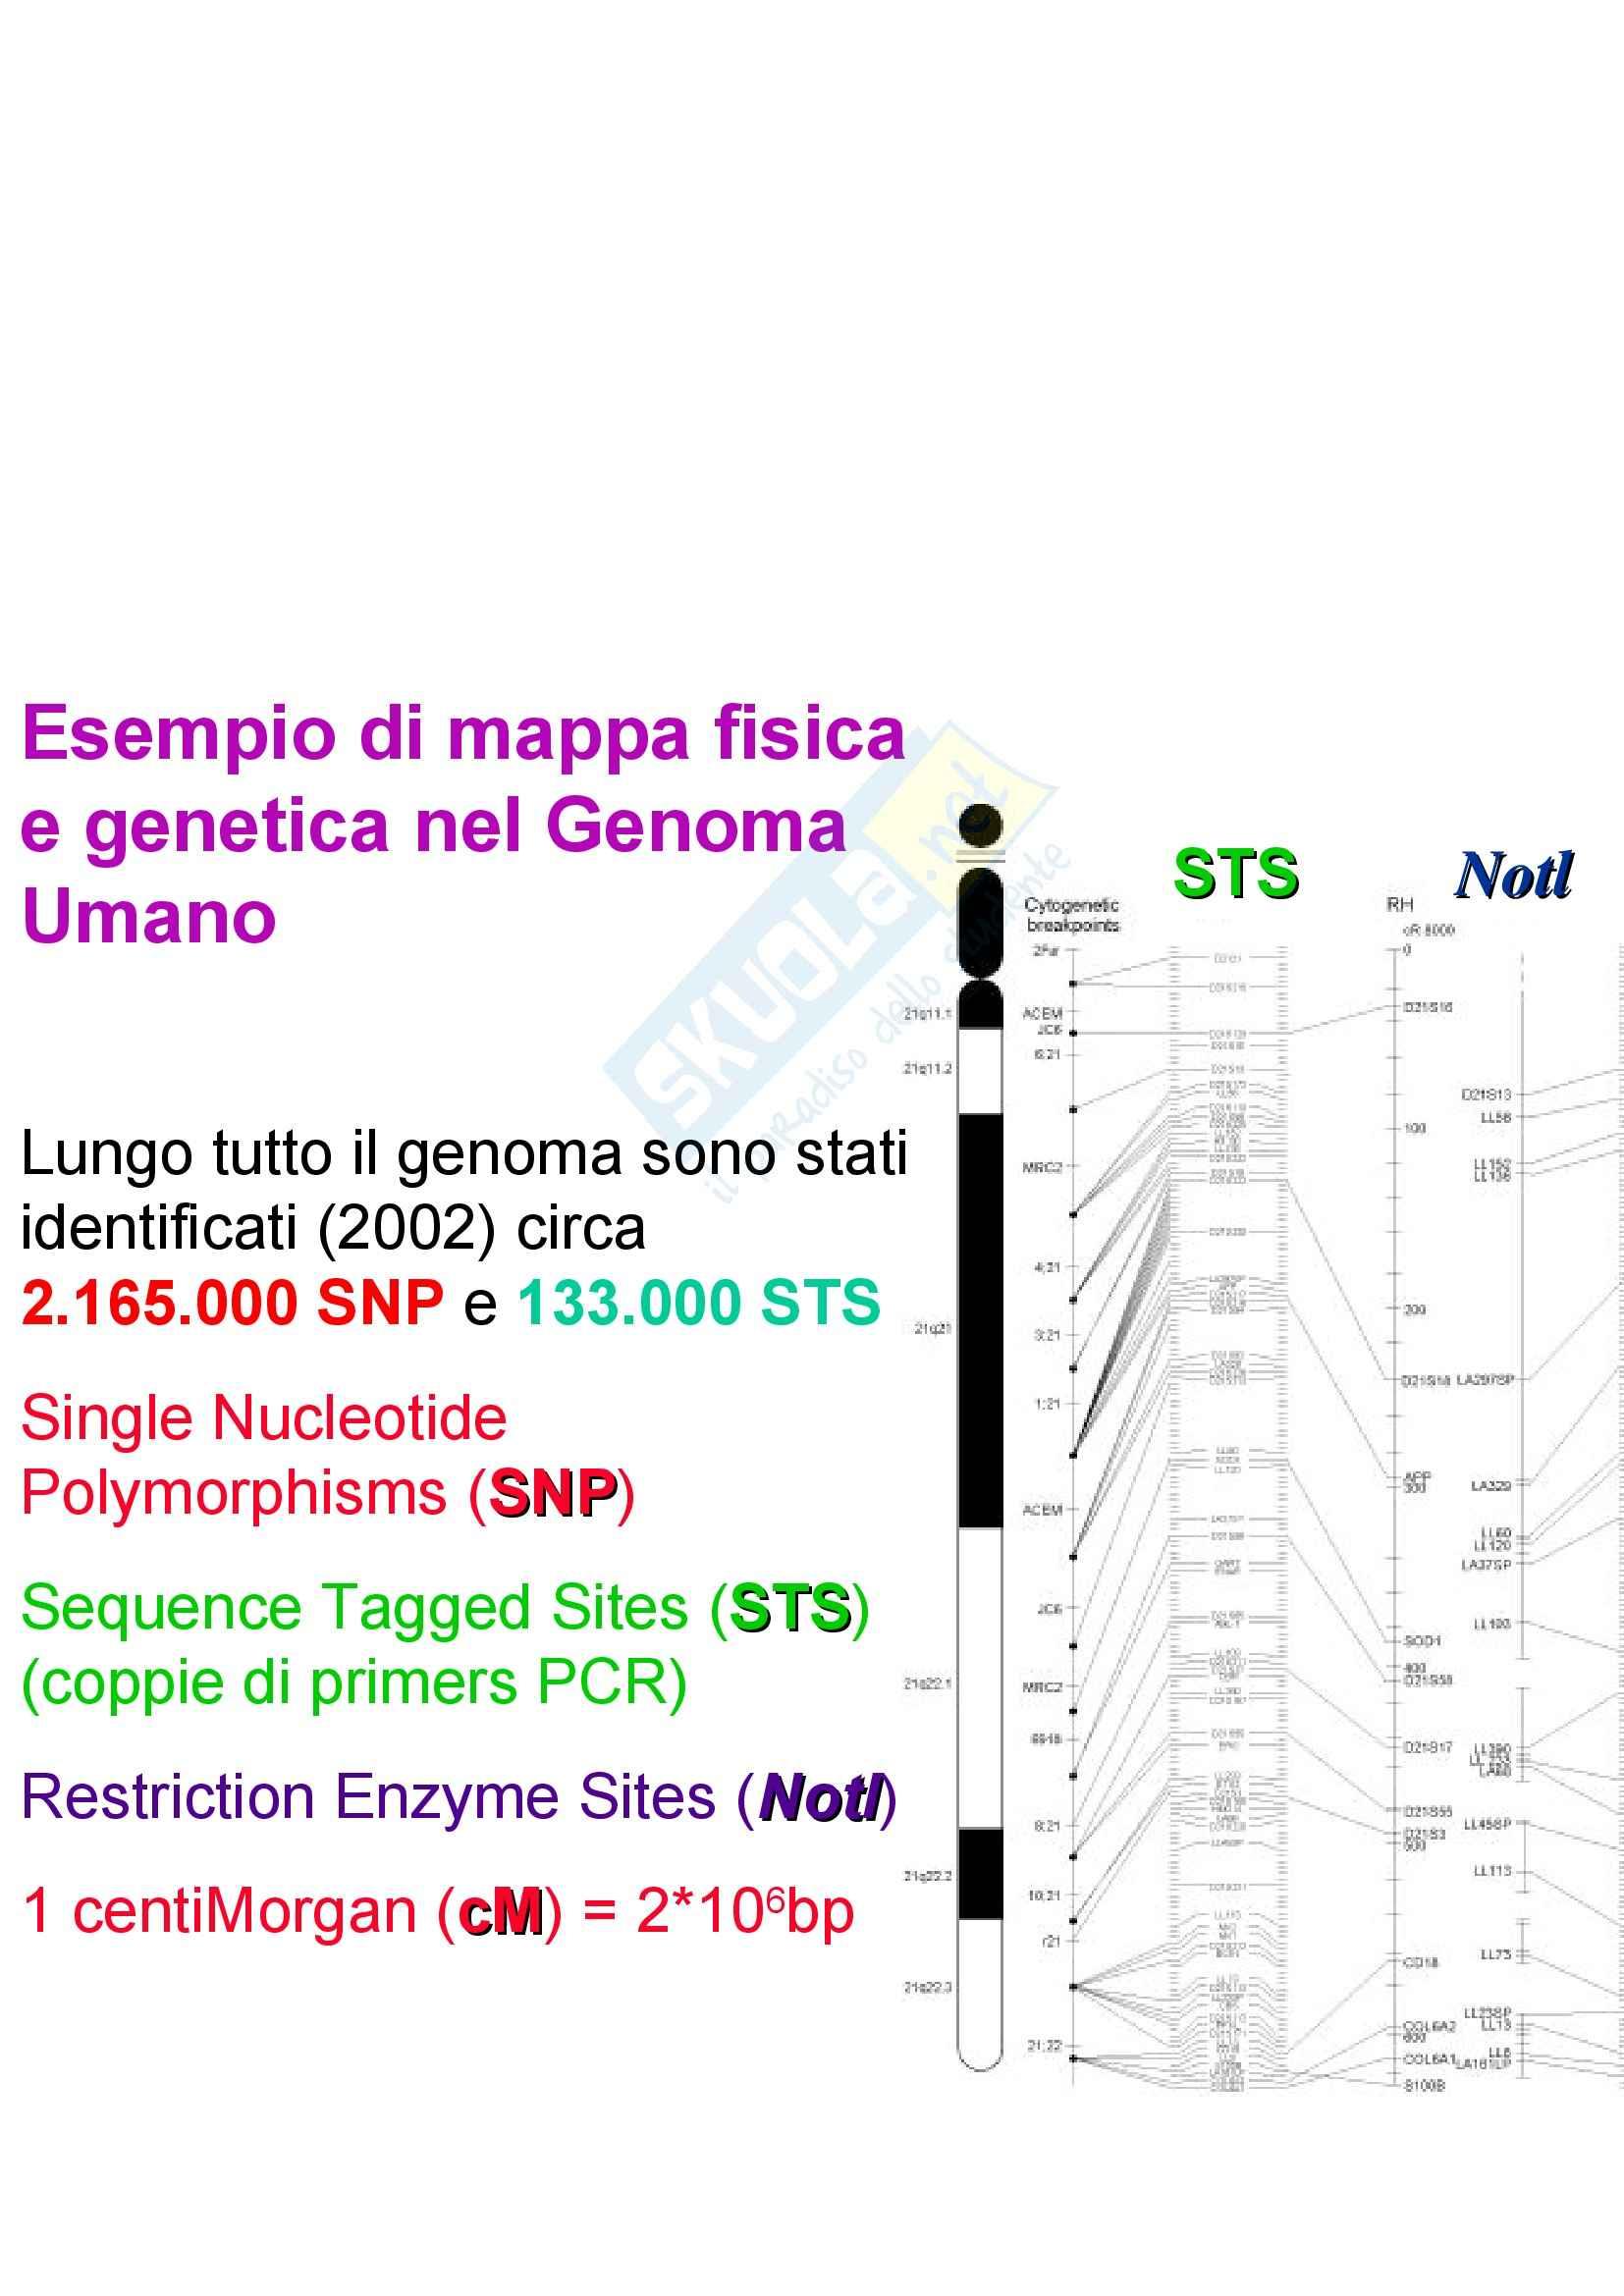 Basi biologiche e genetica umana - manipolazione del DNA Pag. 36